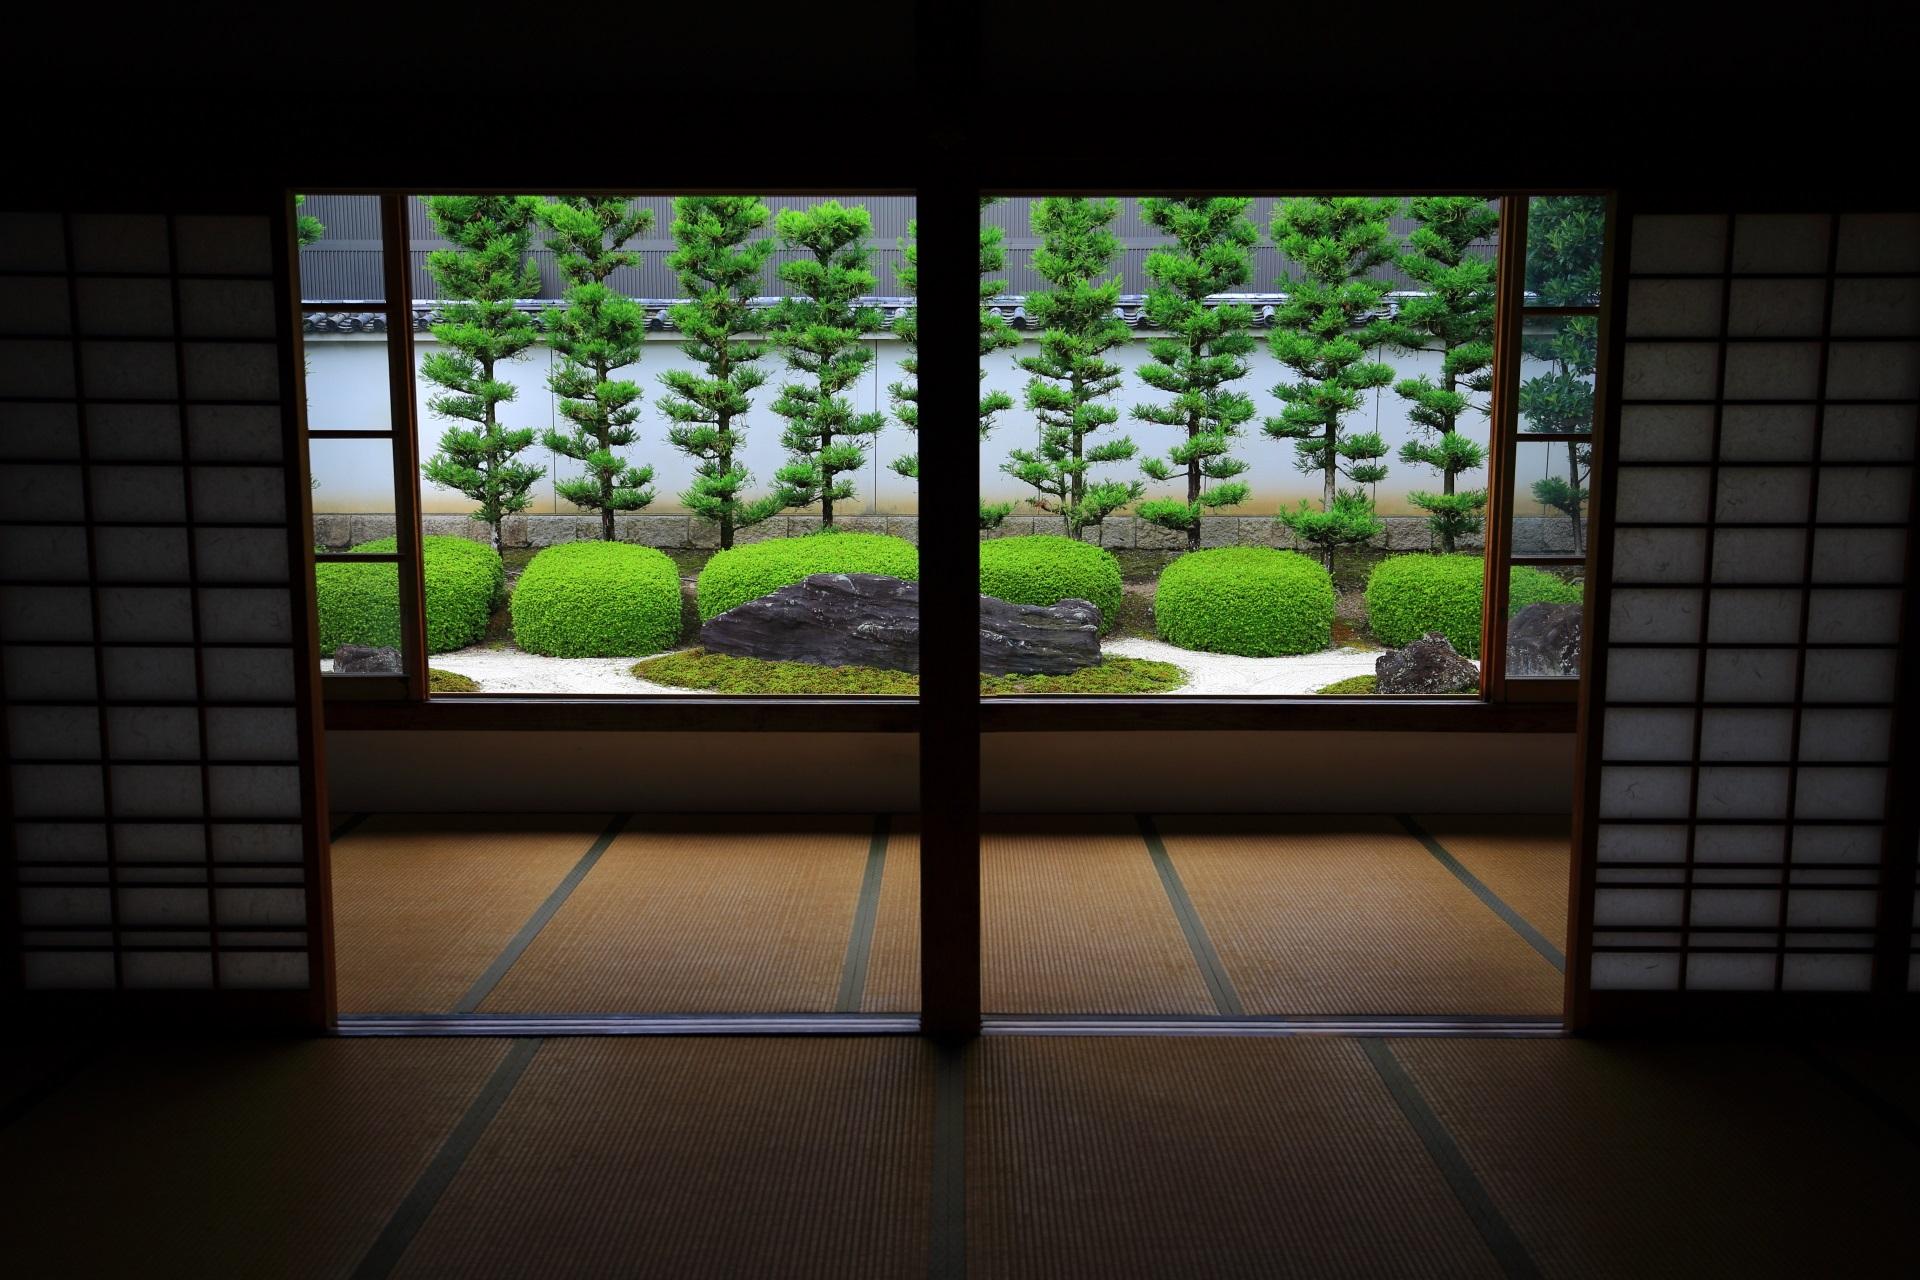 素晴らしい妙蓮寺の庭園